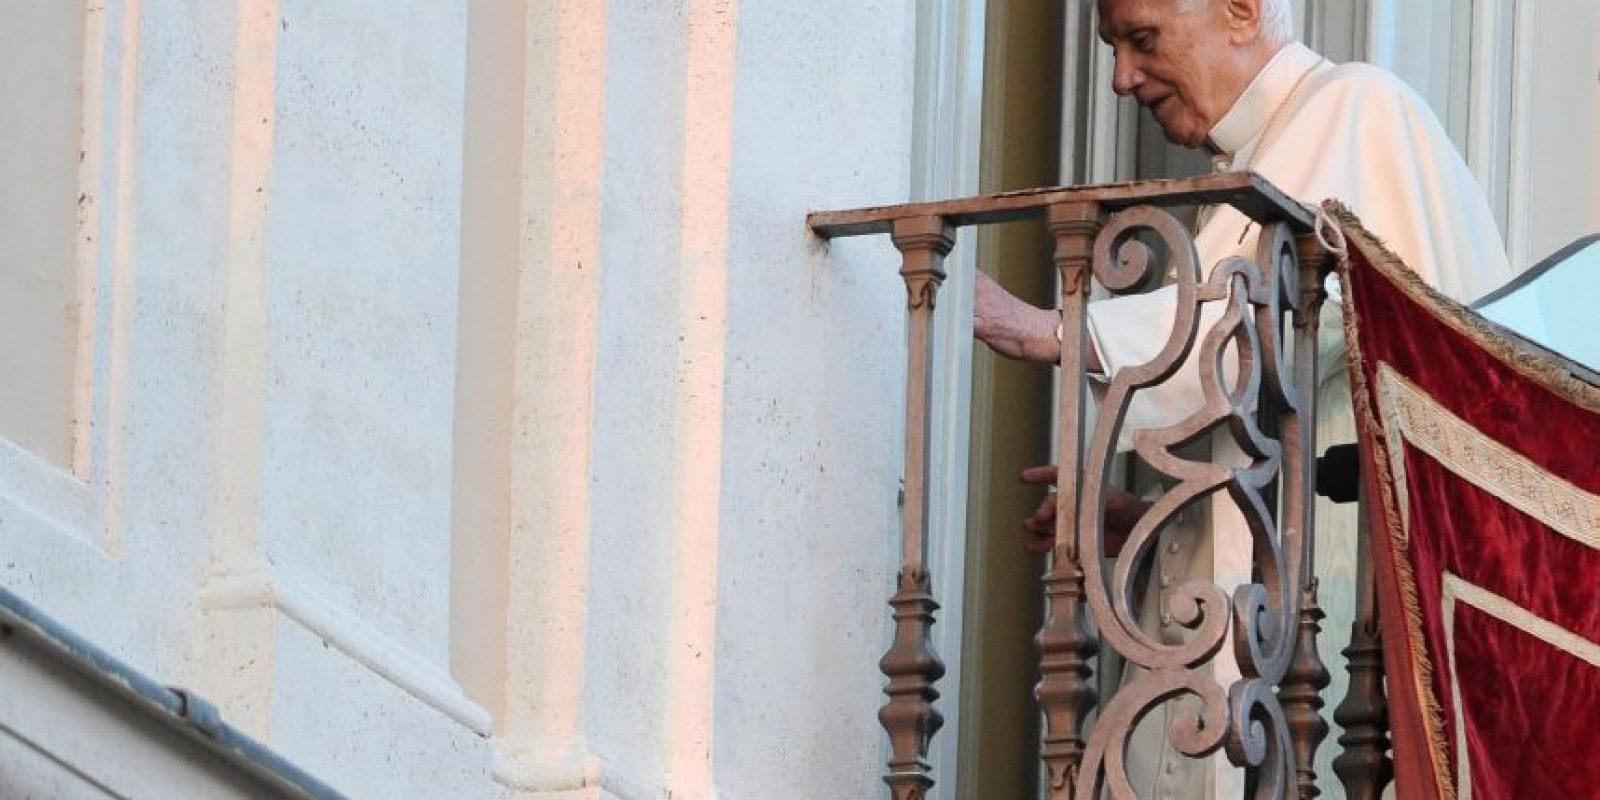 El papa Benedicto XVI sale del balcón tras saludar a sus seguidores en la plaza de la Libertad de Castelgandolfo, Italia, el 28 de febrero del 2013, su nueva residencia durante los próximos dos meses. Foto:EFE/Ettore Ferrari